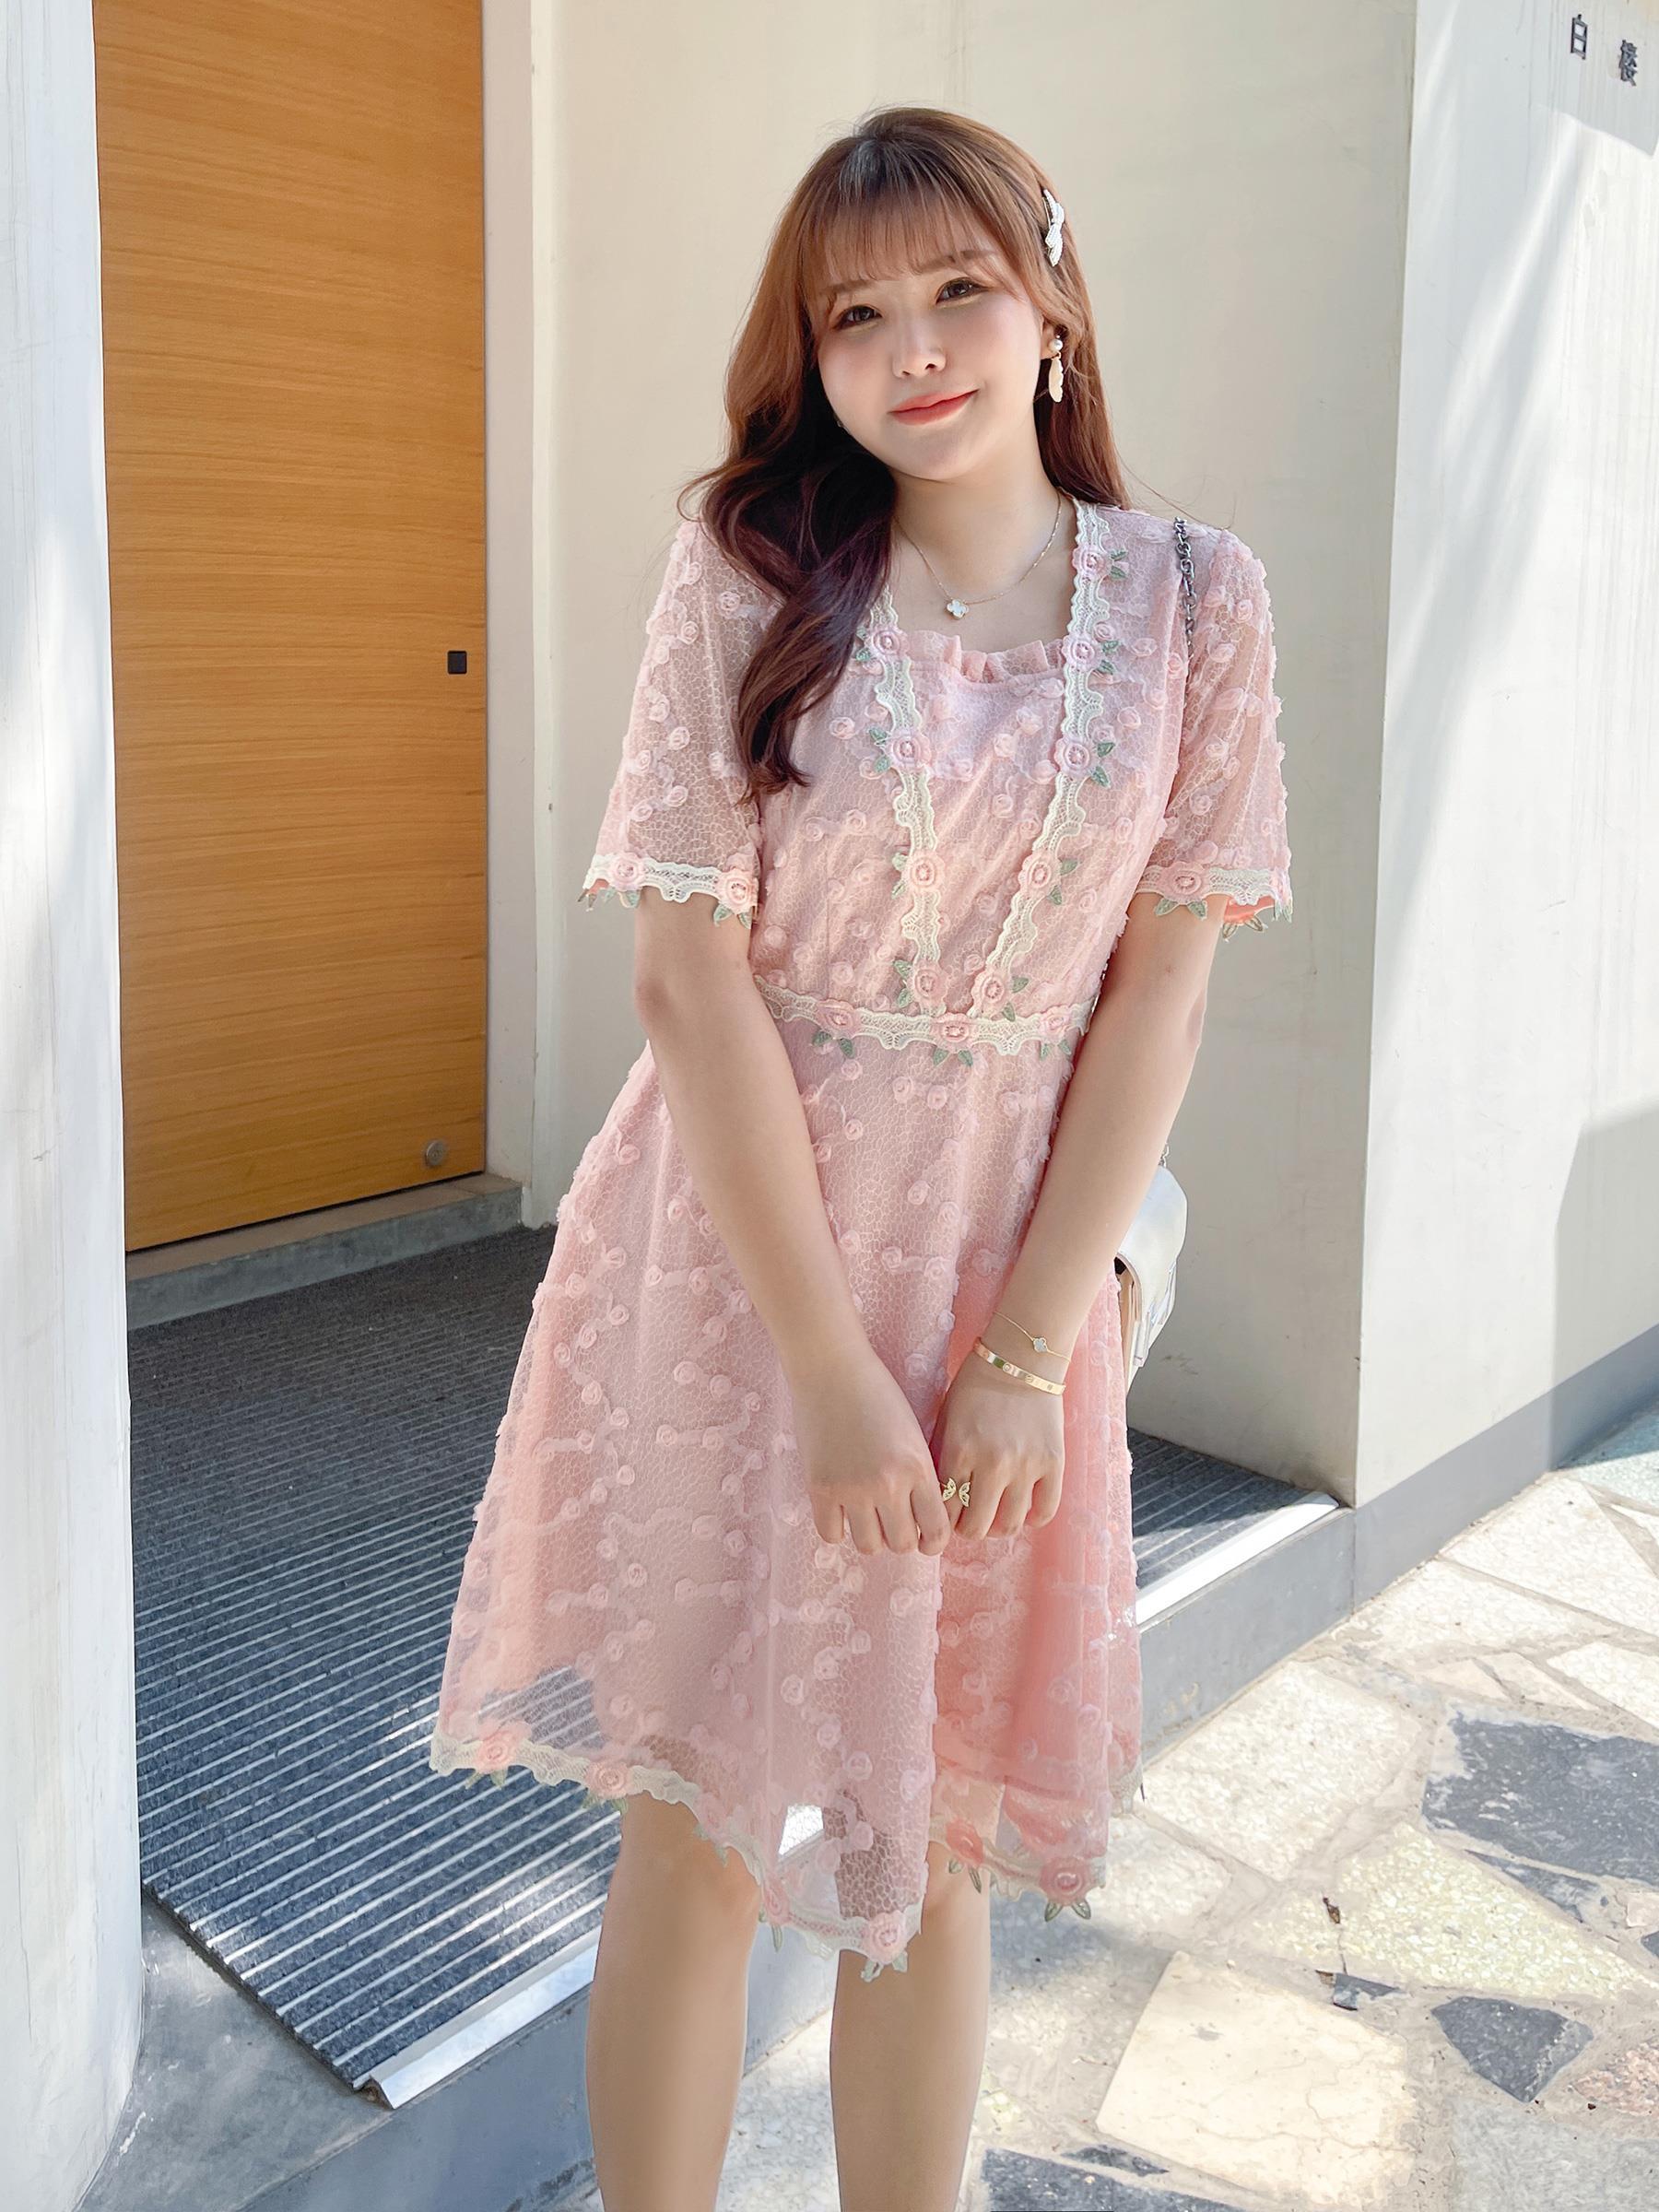 尚@2021年夏季新款大码女装宽松蕾丝连衣裙减龄裙子胖mm显瘦遮肚